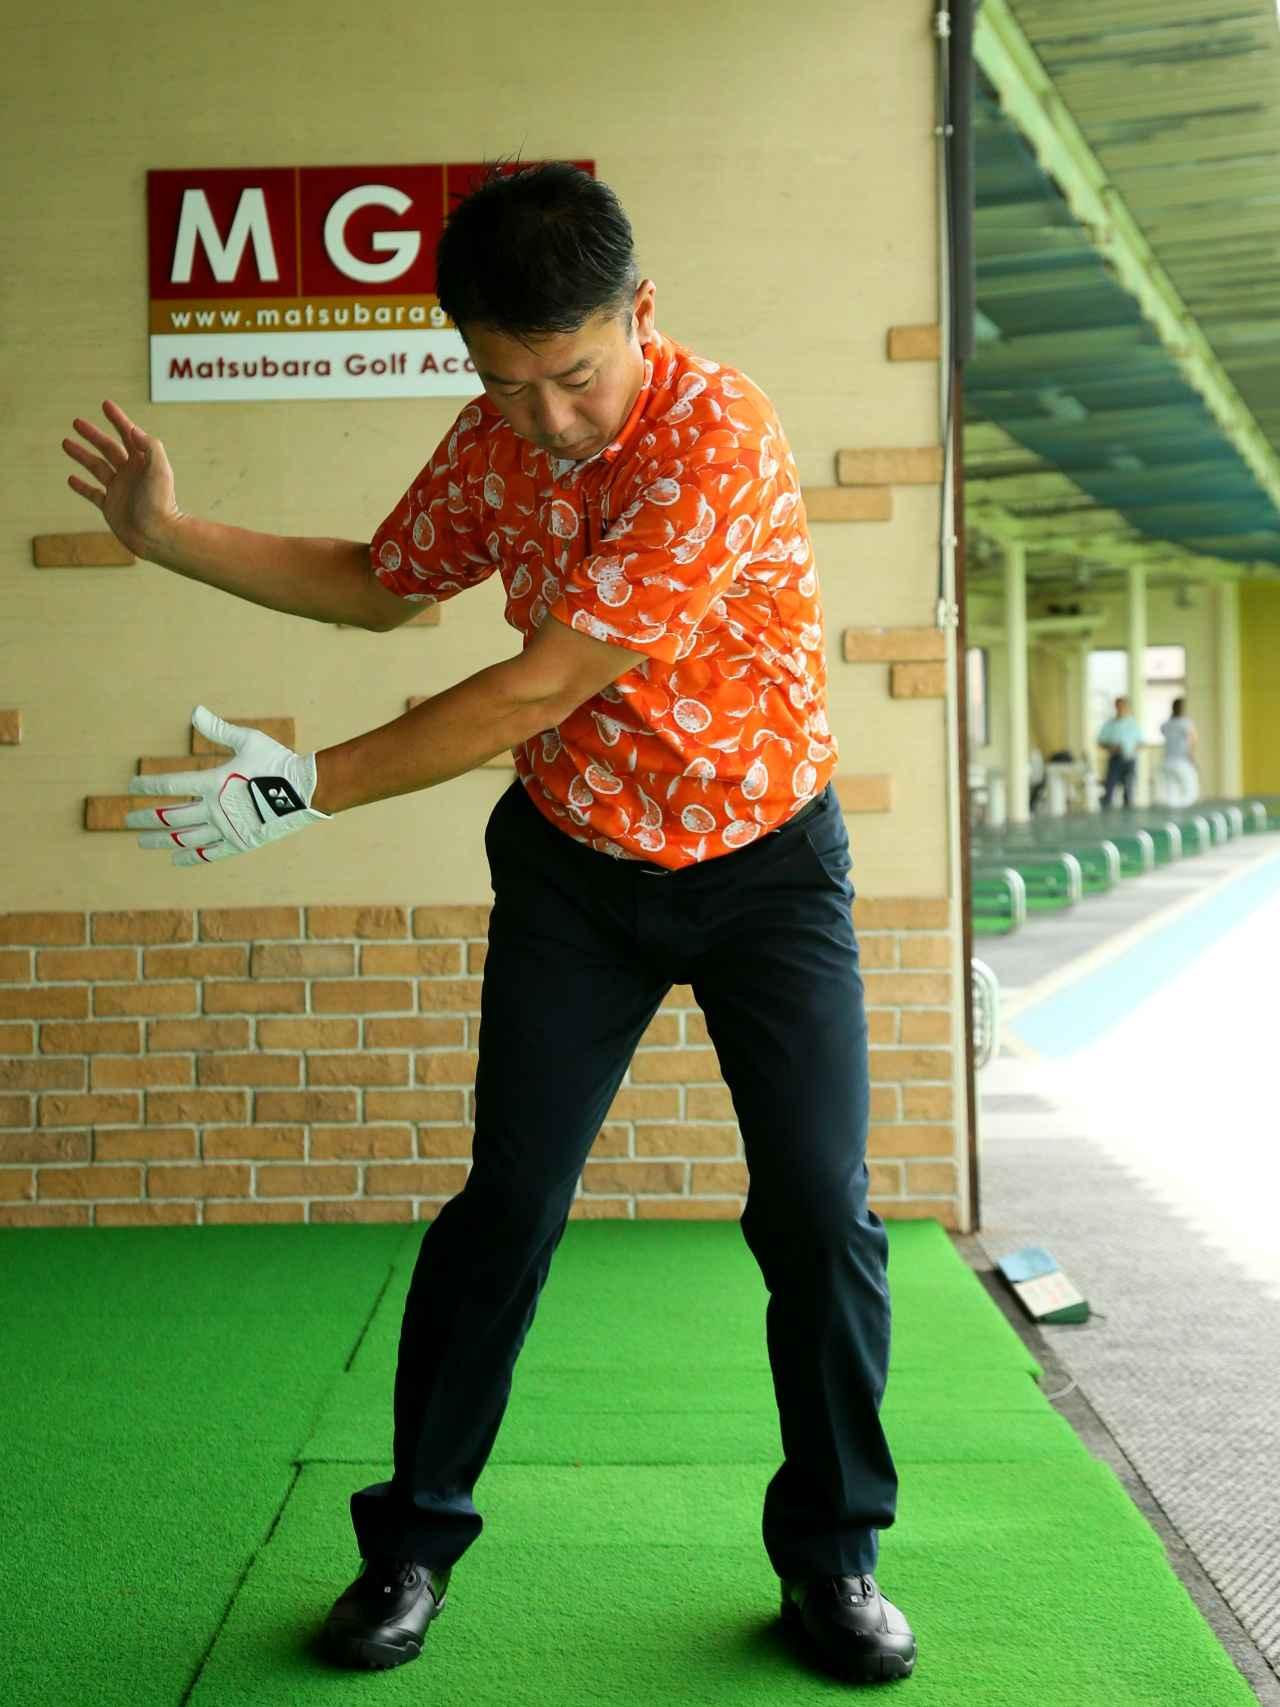 画像10: 【練習方法】プレー前夜、練習場に駆け込んだらコレ! アベレージゴルファーのための「ラウンド前の一夜漬け練習」